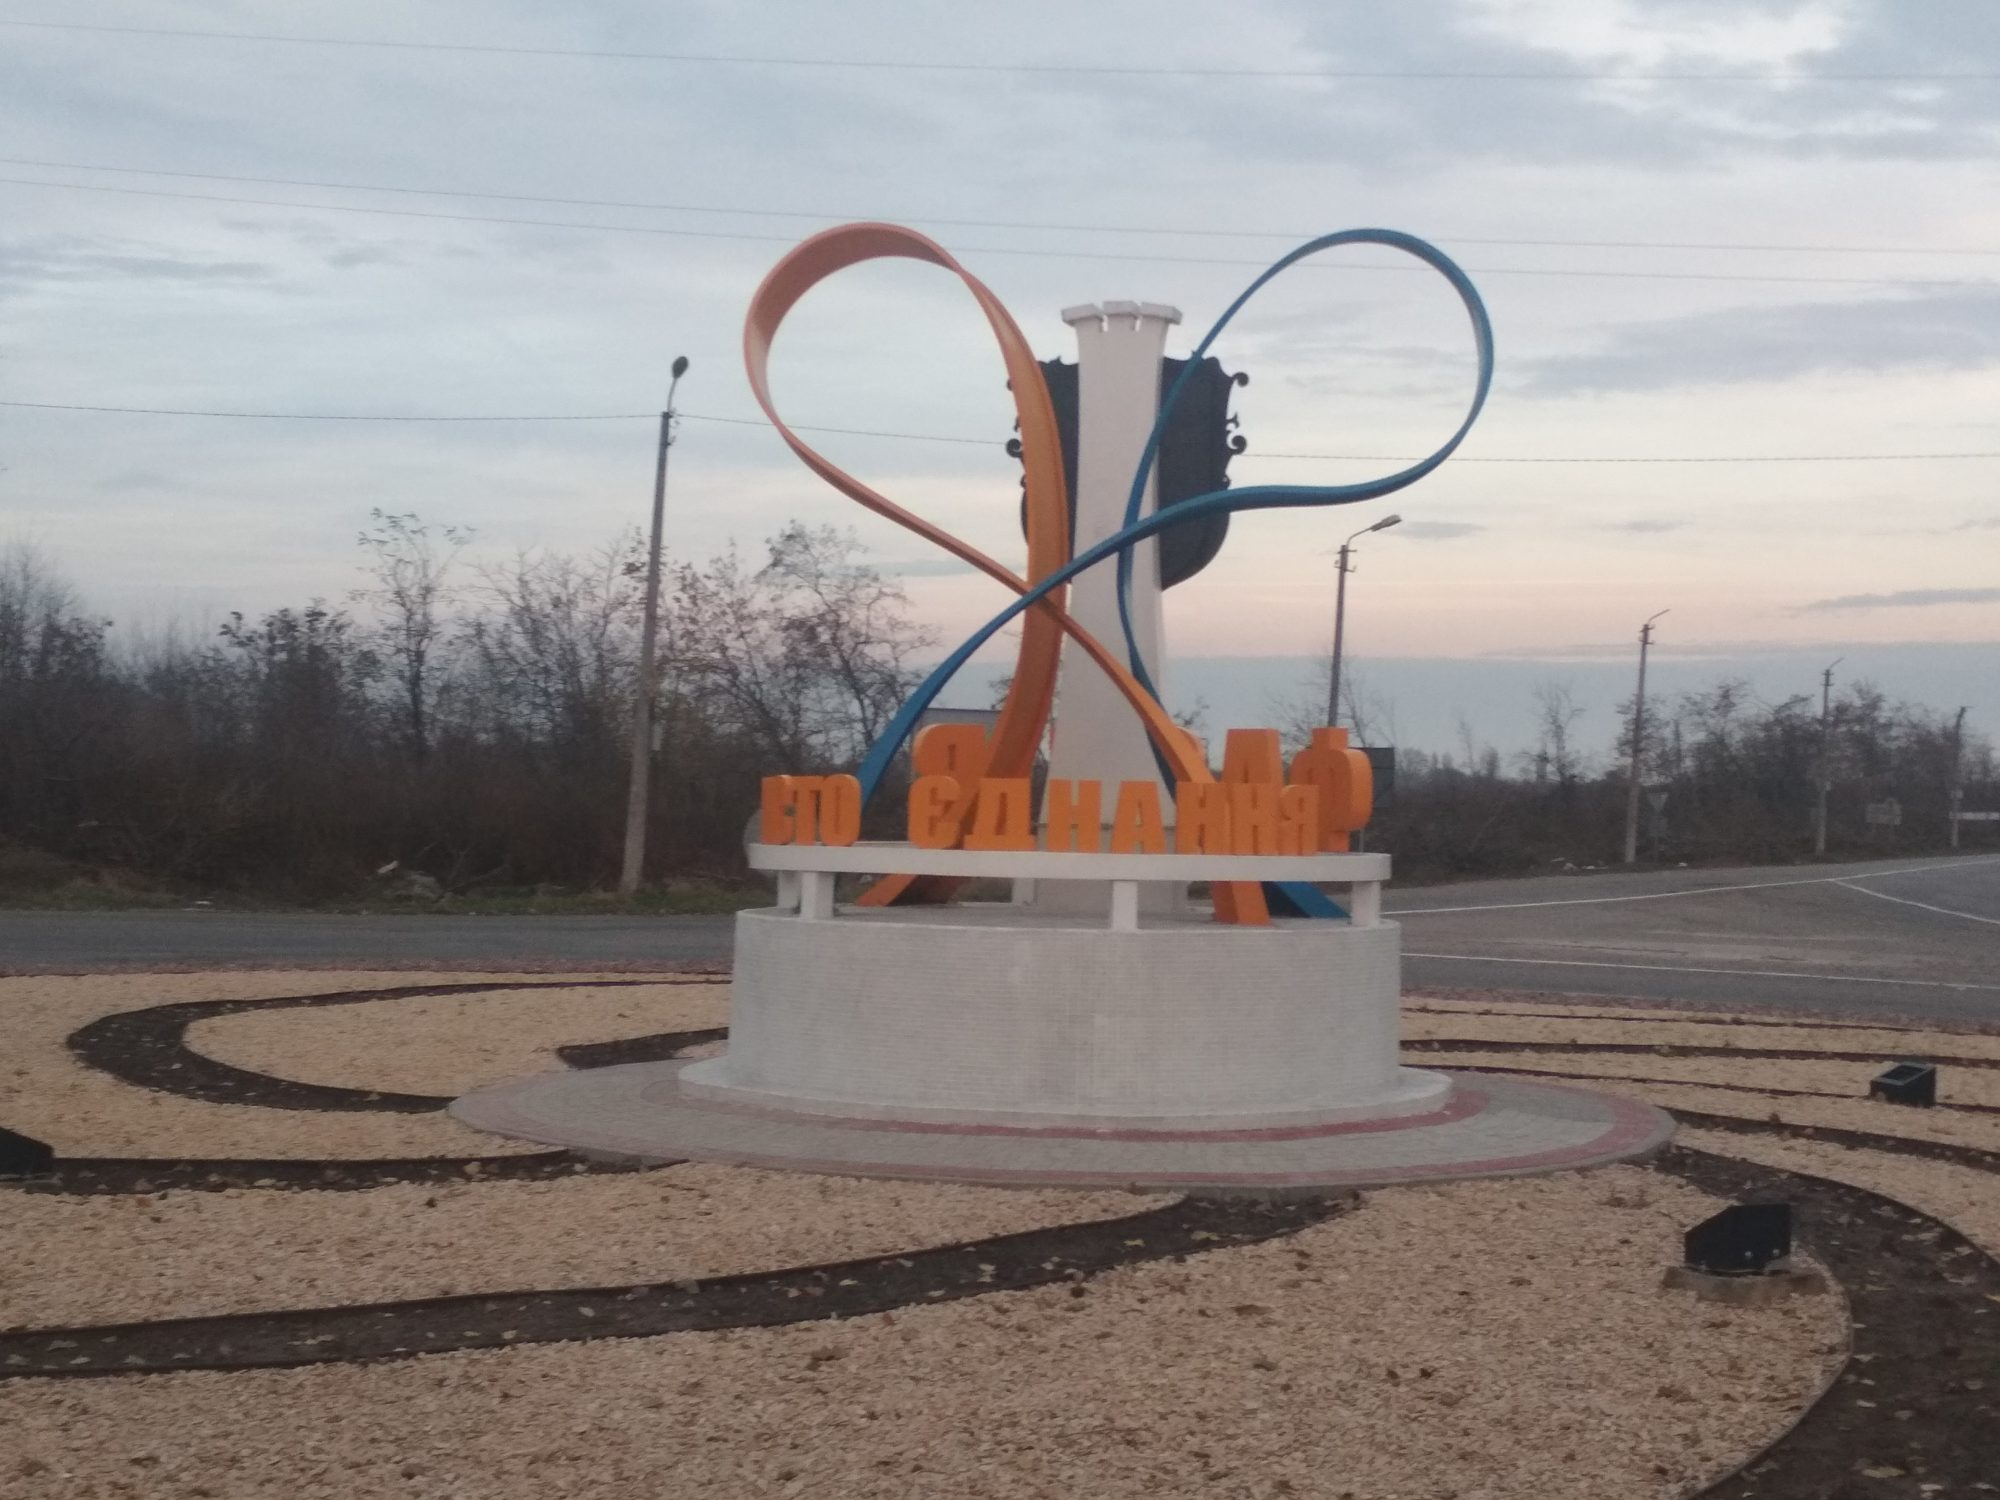 У Фастові оновили в'їзний знак до міста - Фастів - IMG 20191106 161628 2000x1500